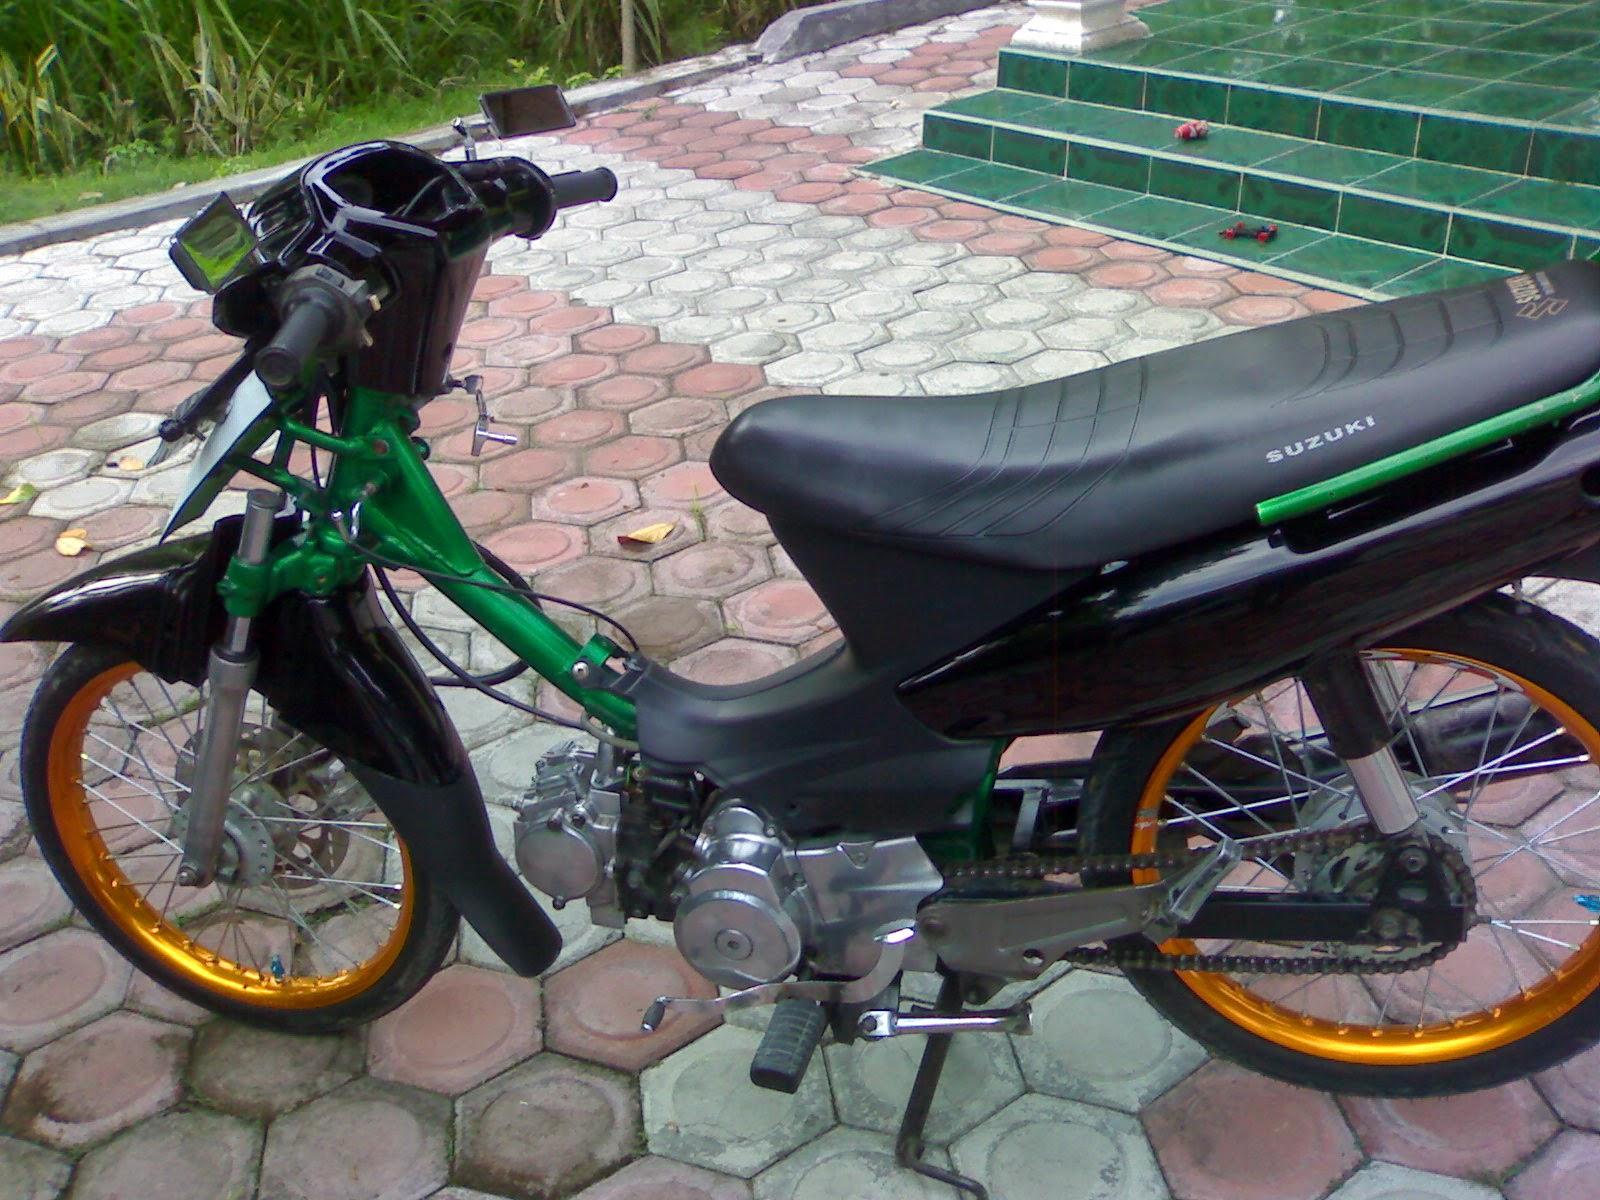 Modifikasi Motor Suzuki Shogun Kebo Wacana Modif Motor